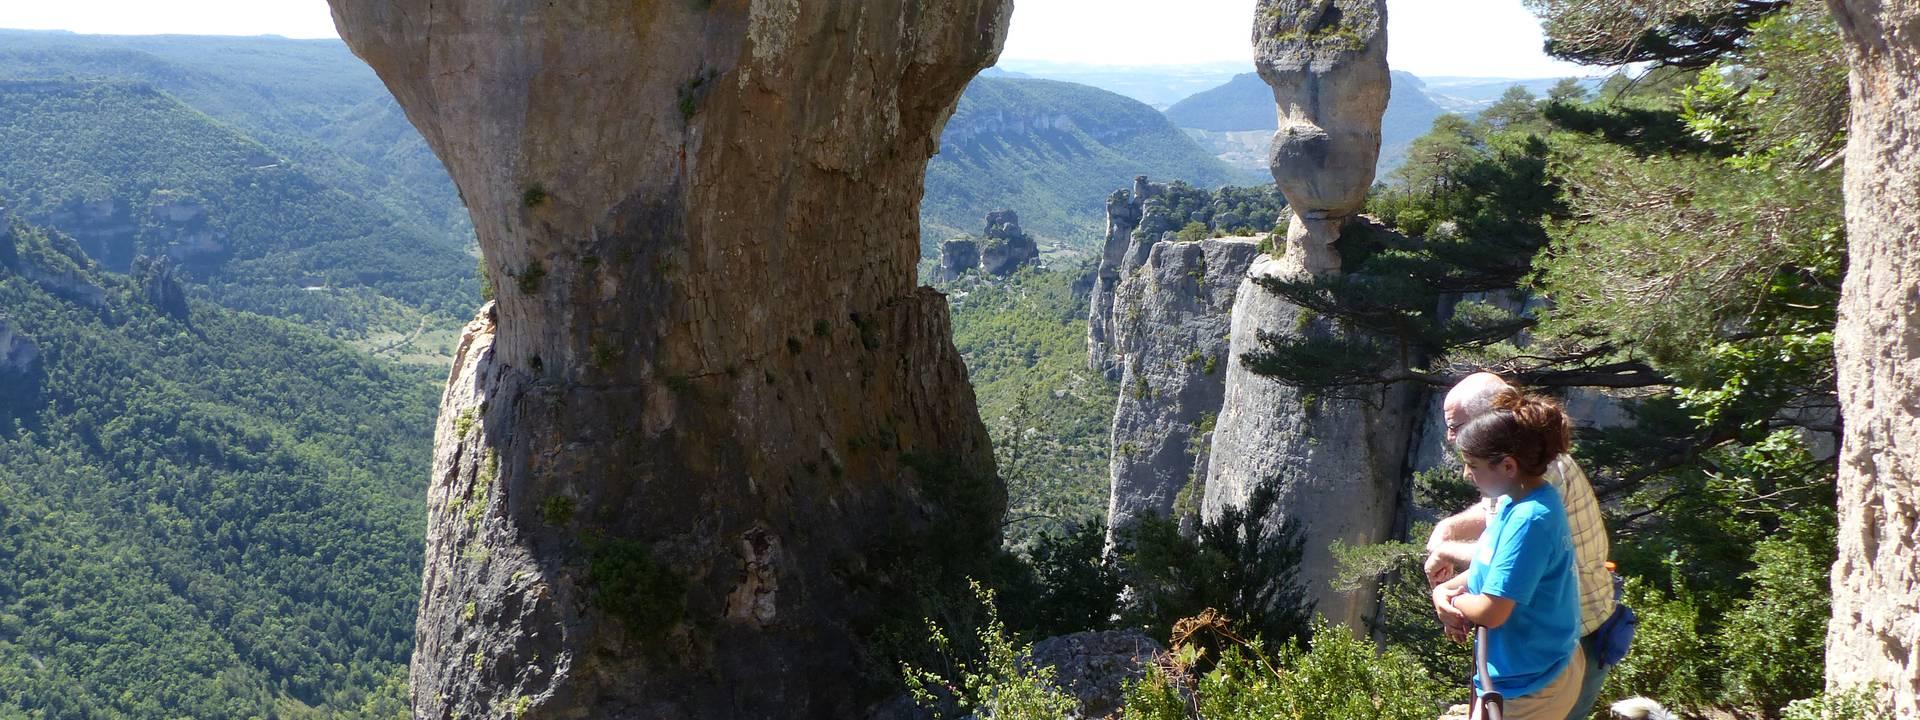 Randonnée au cœur des Gorges du Tarn et de la Jonte